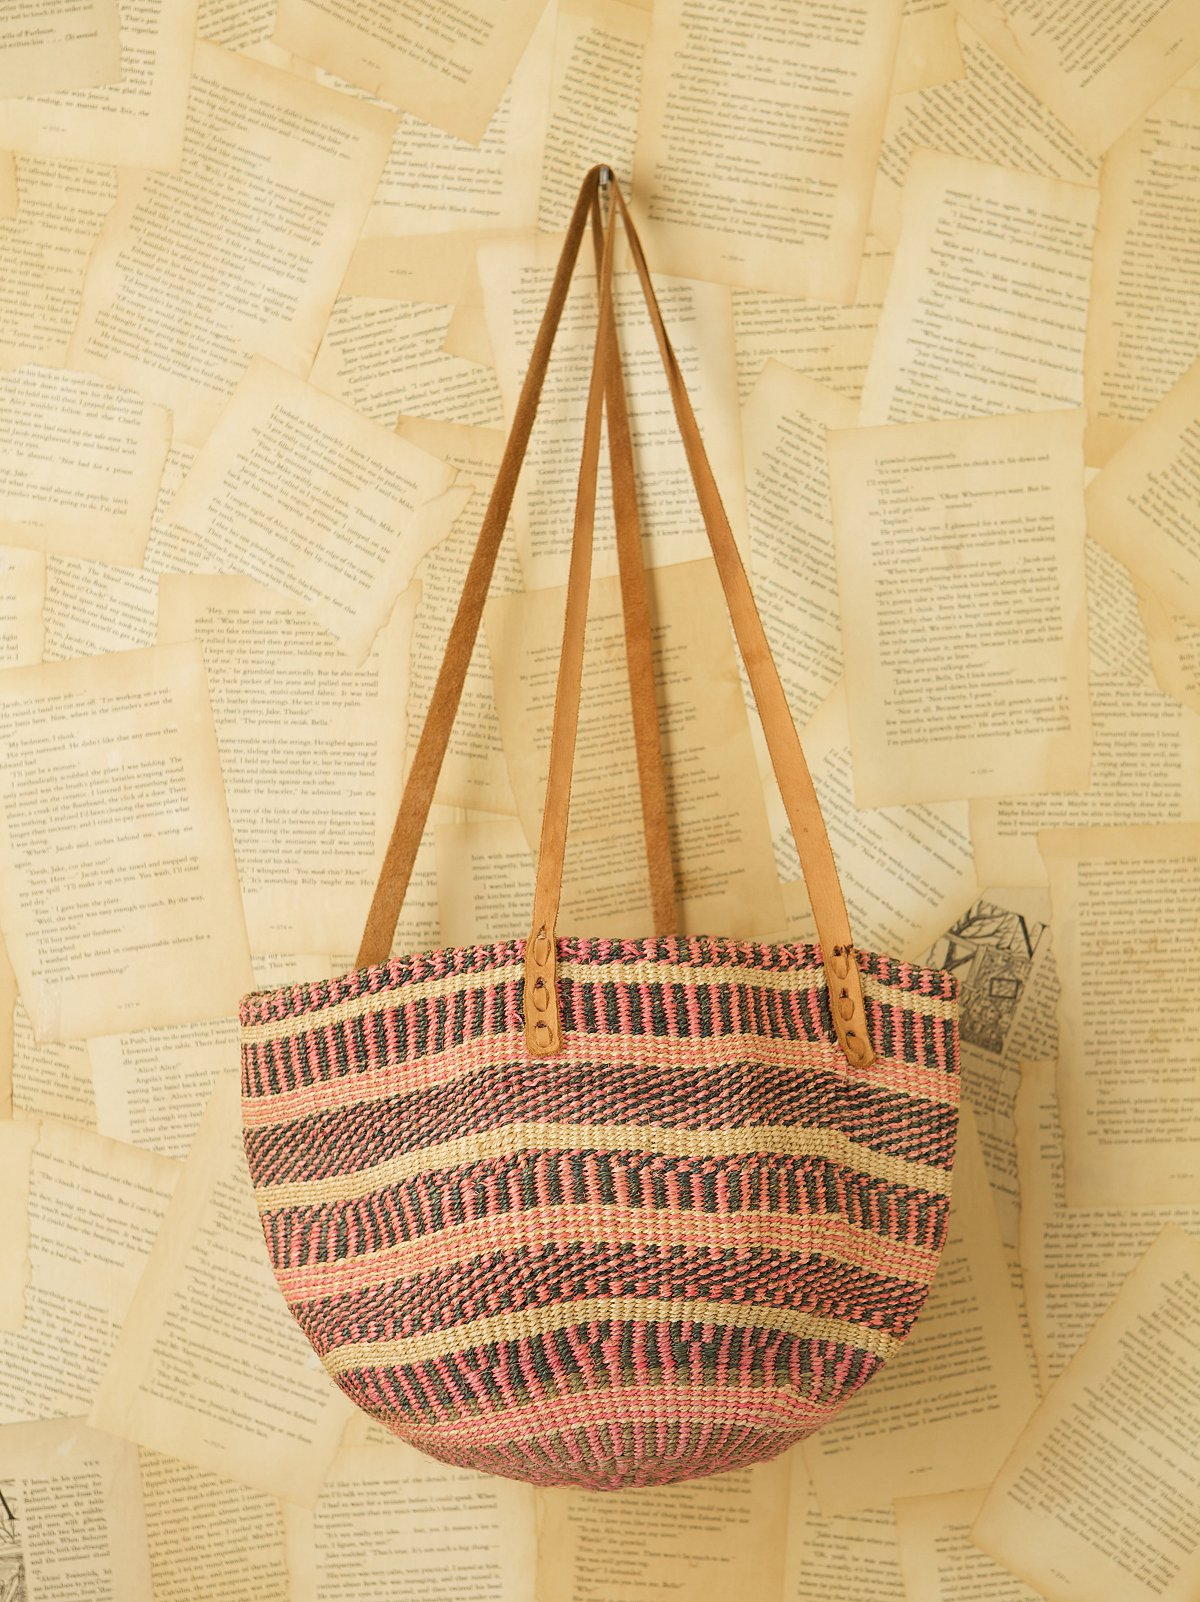 Vintage Straw Market Bag